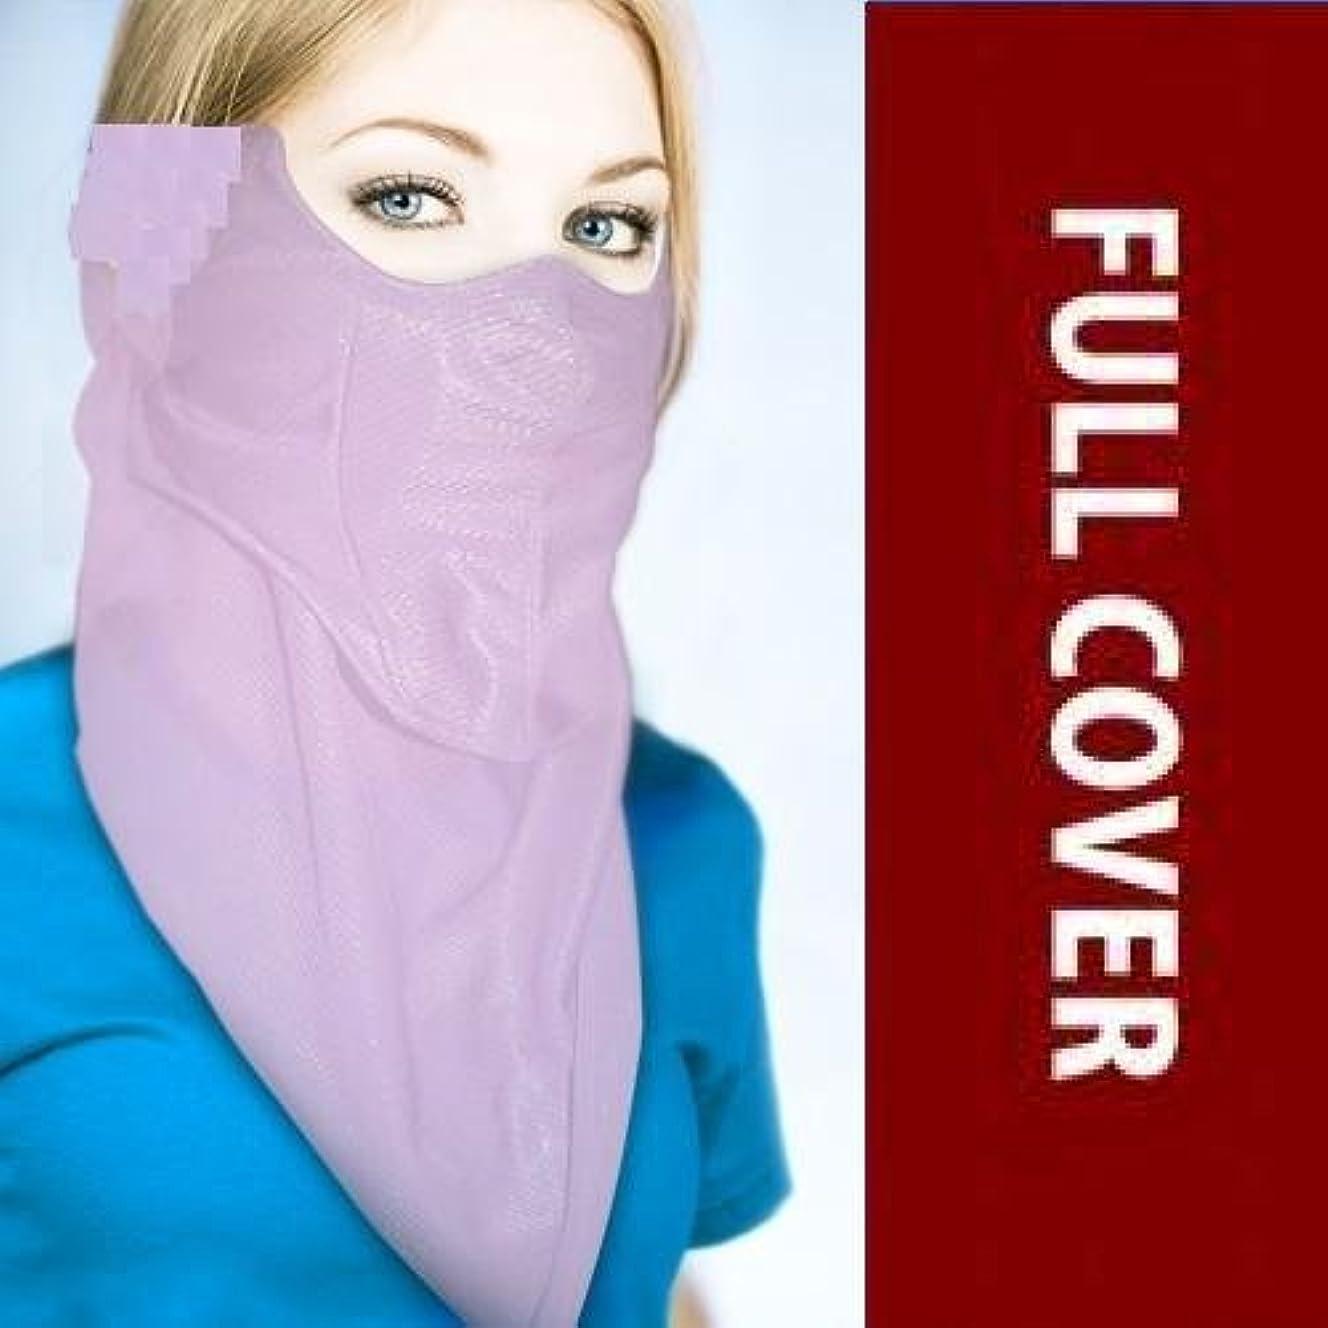 アウトドア競合他社選手ゲームRF-SPORTS MASK FULL COVER ピンク